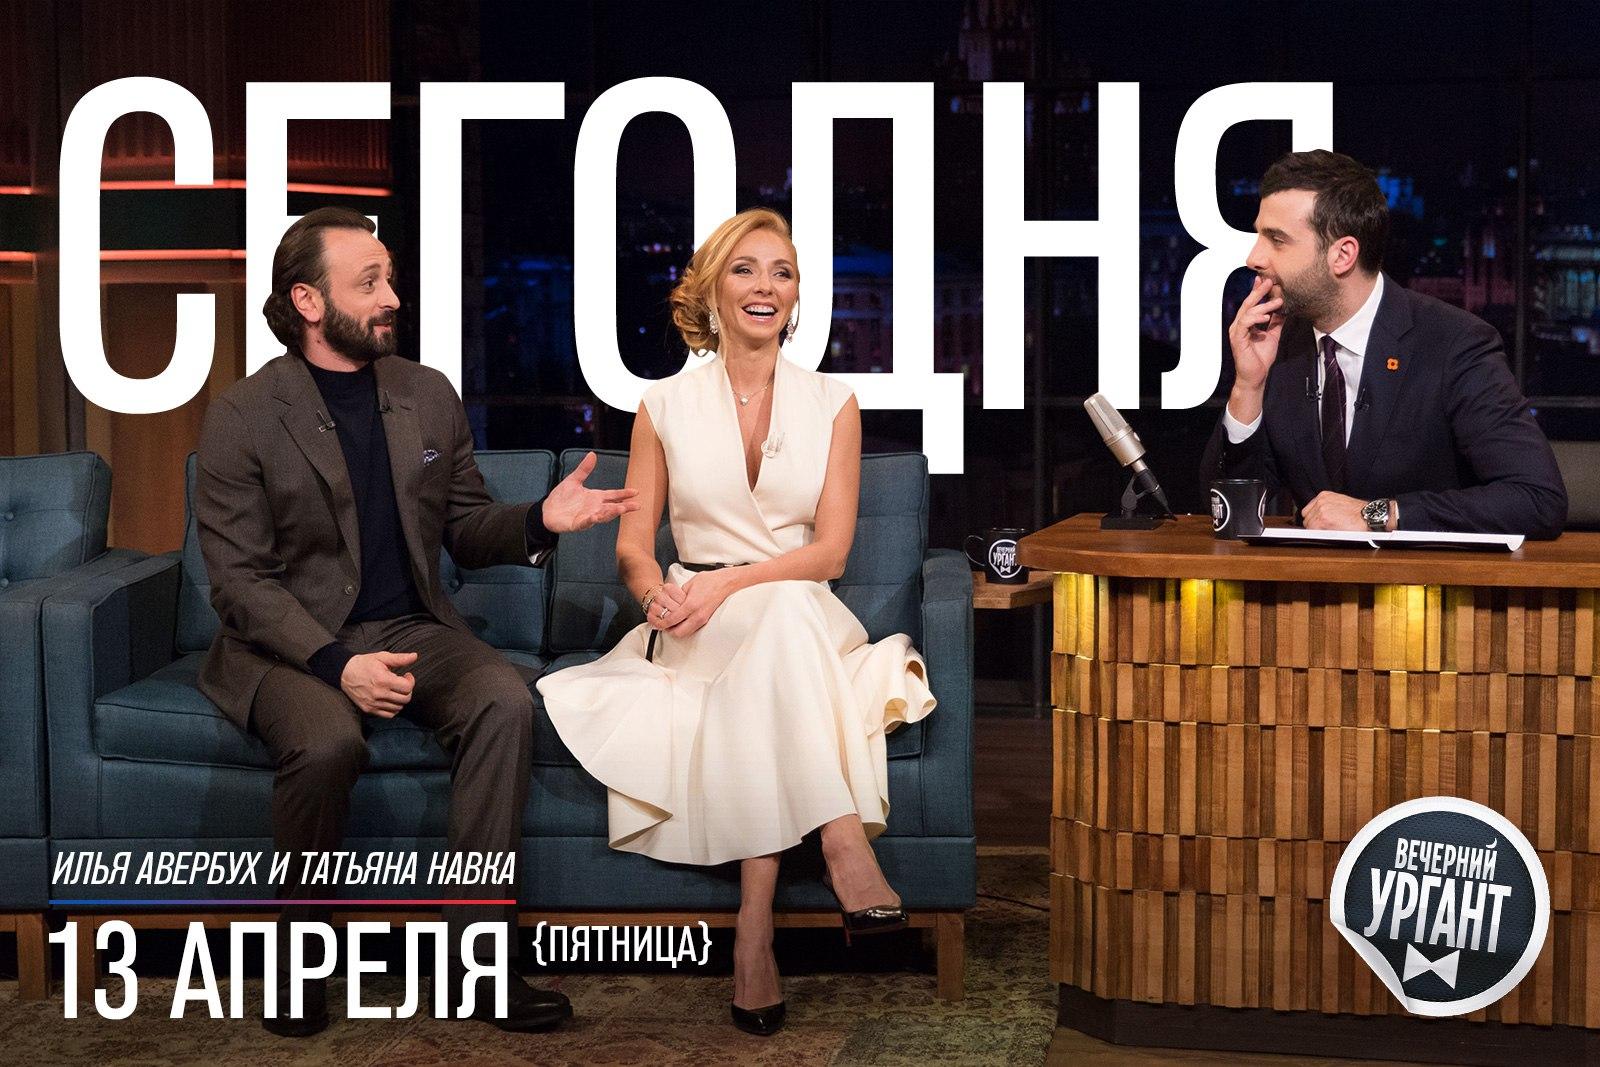 Татьяна Навка-новости, анонсы - Страница 33 E0LCTW5vRwQ